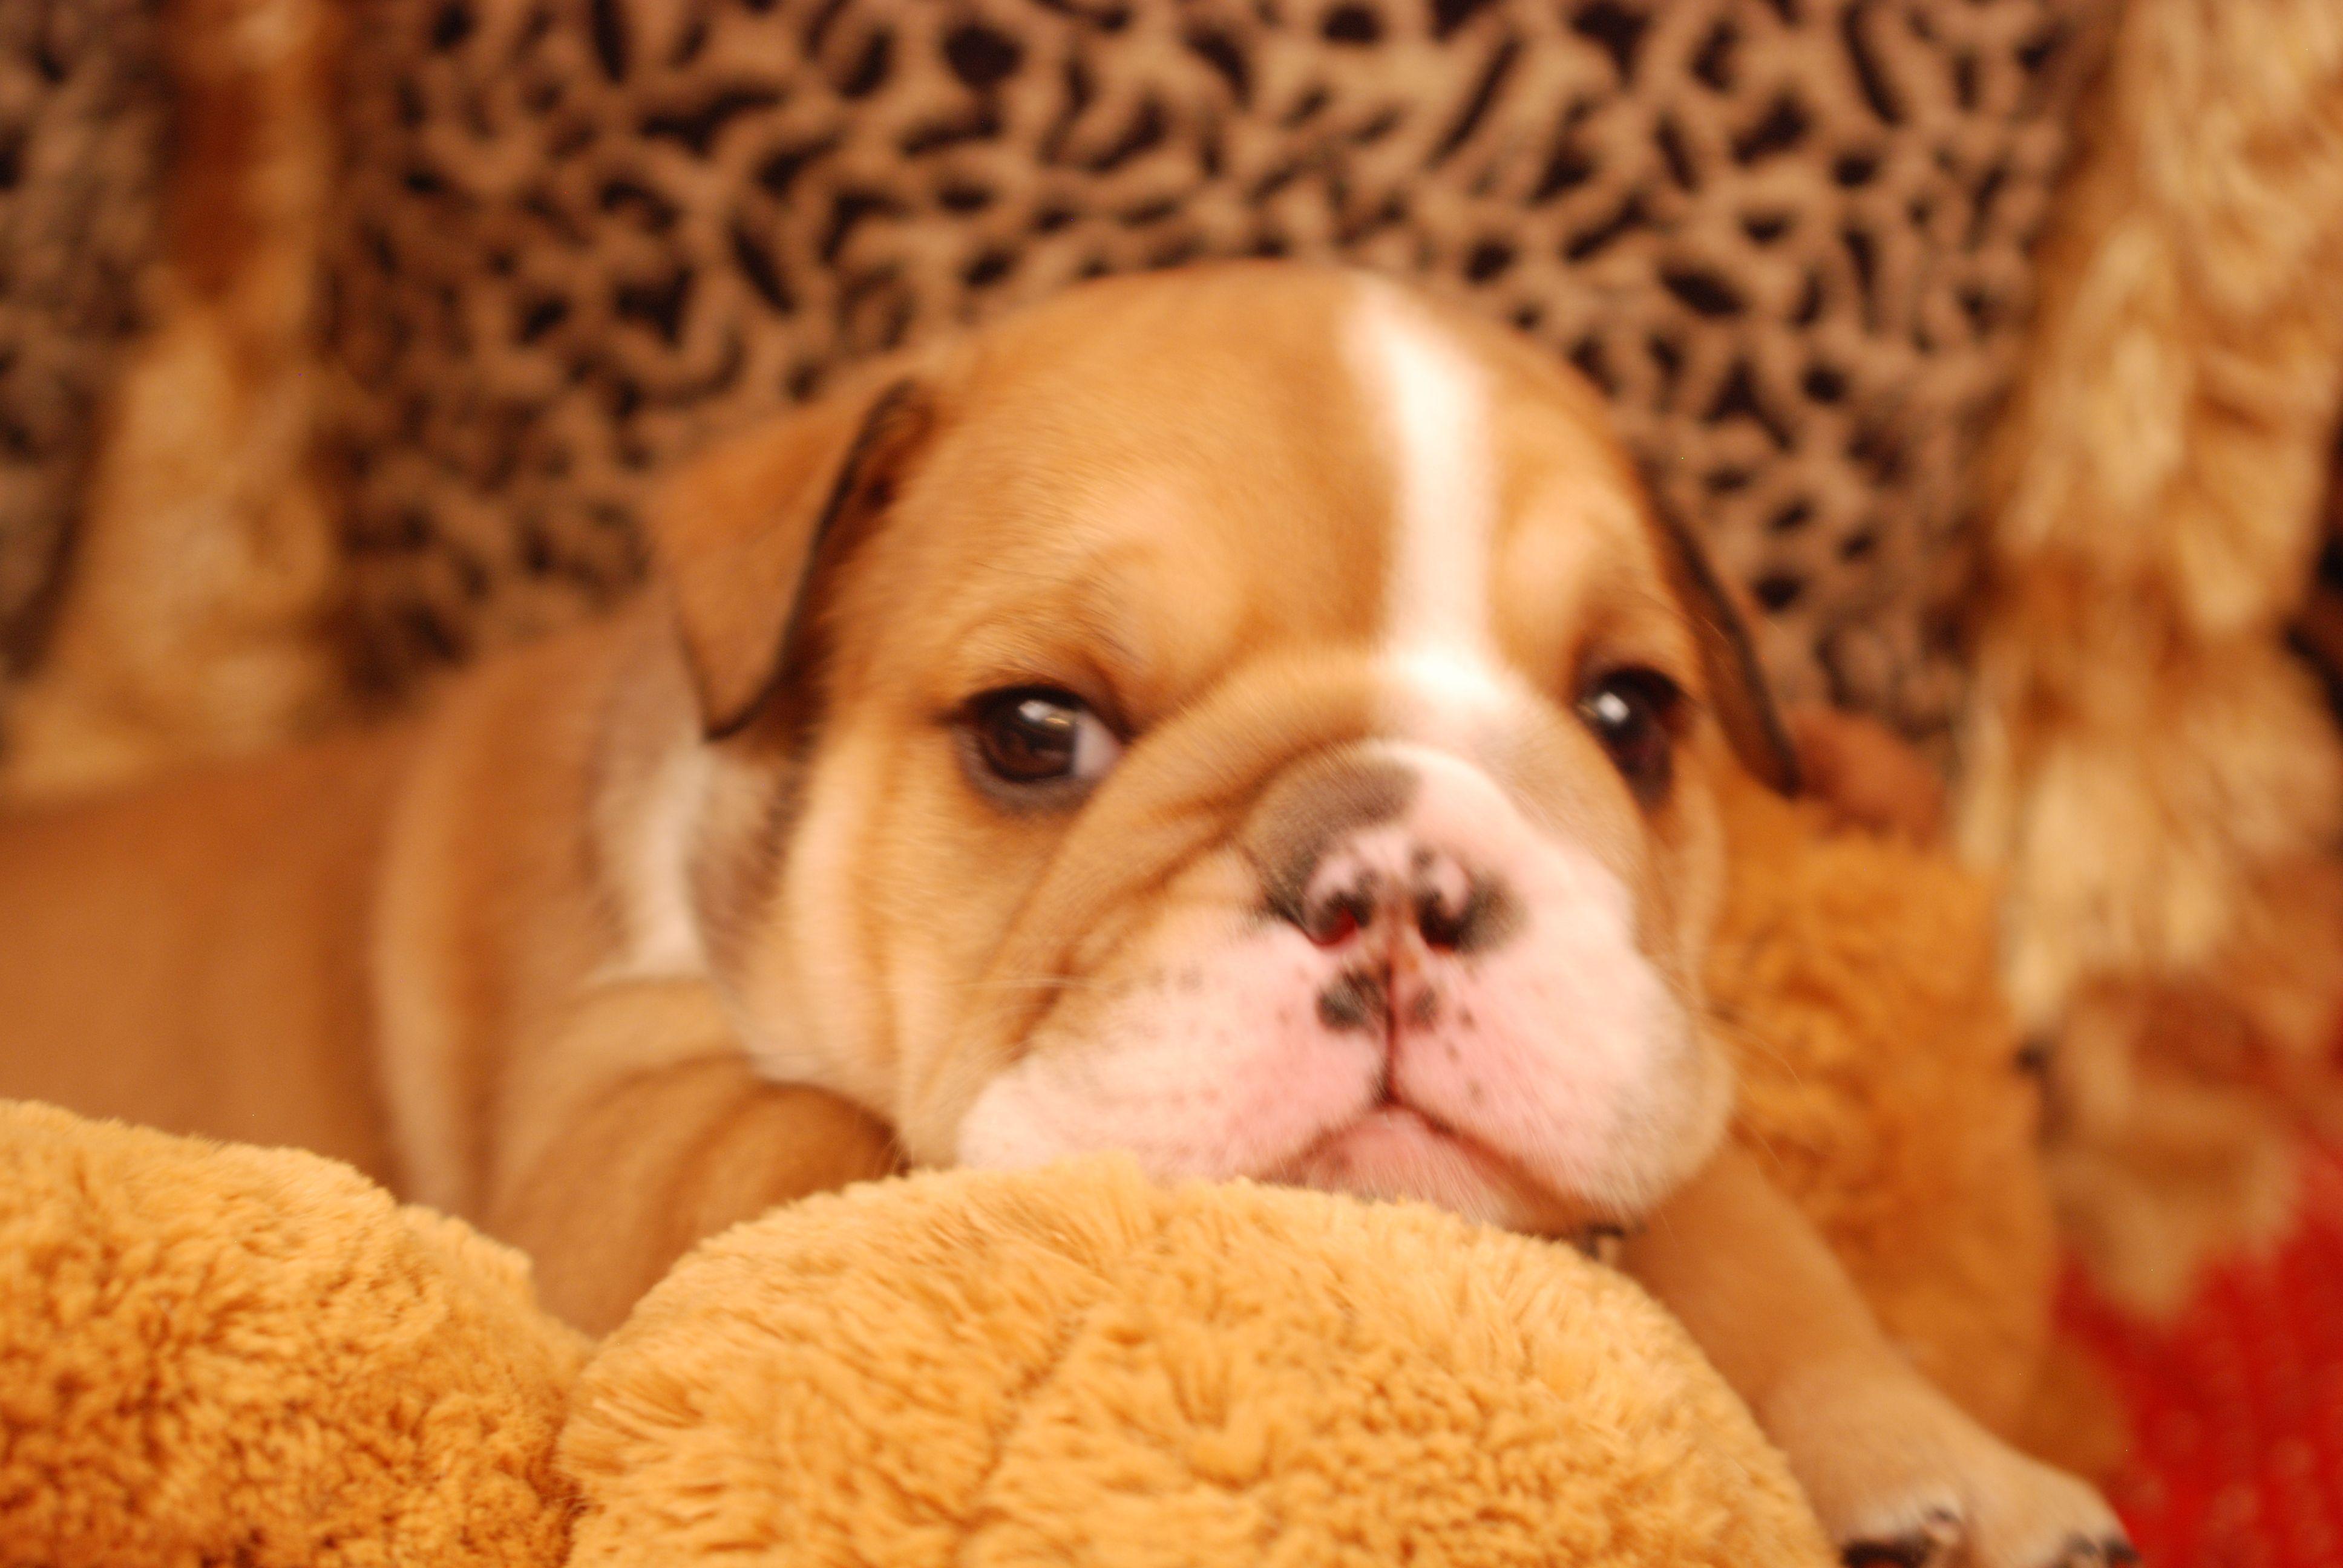 Bbb Beautiful Bulldog Baby Bulldog English Bulldog